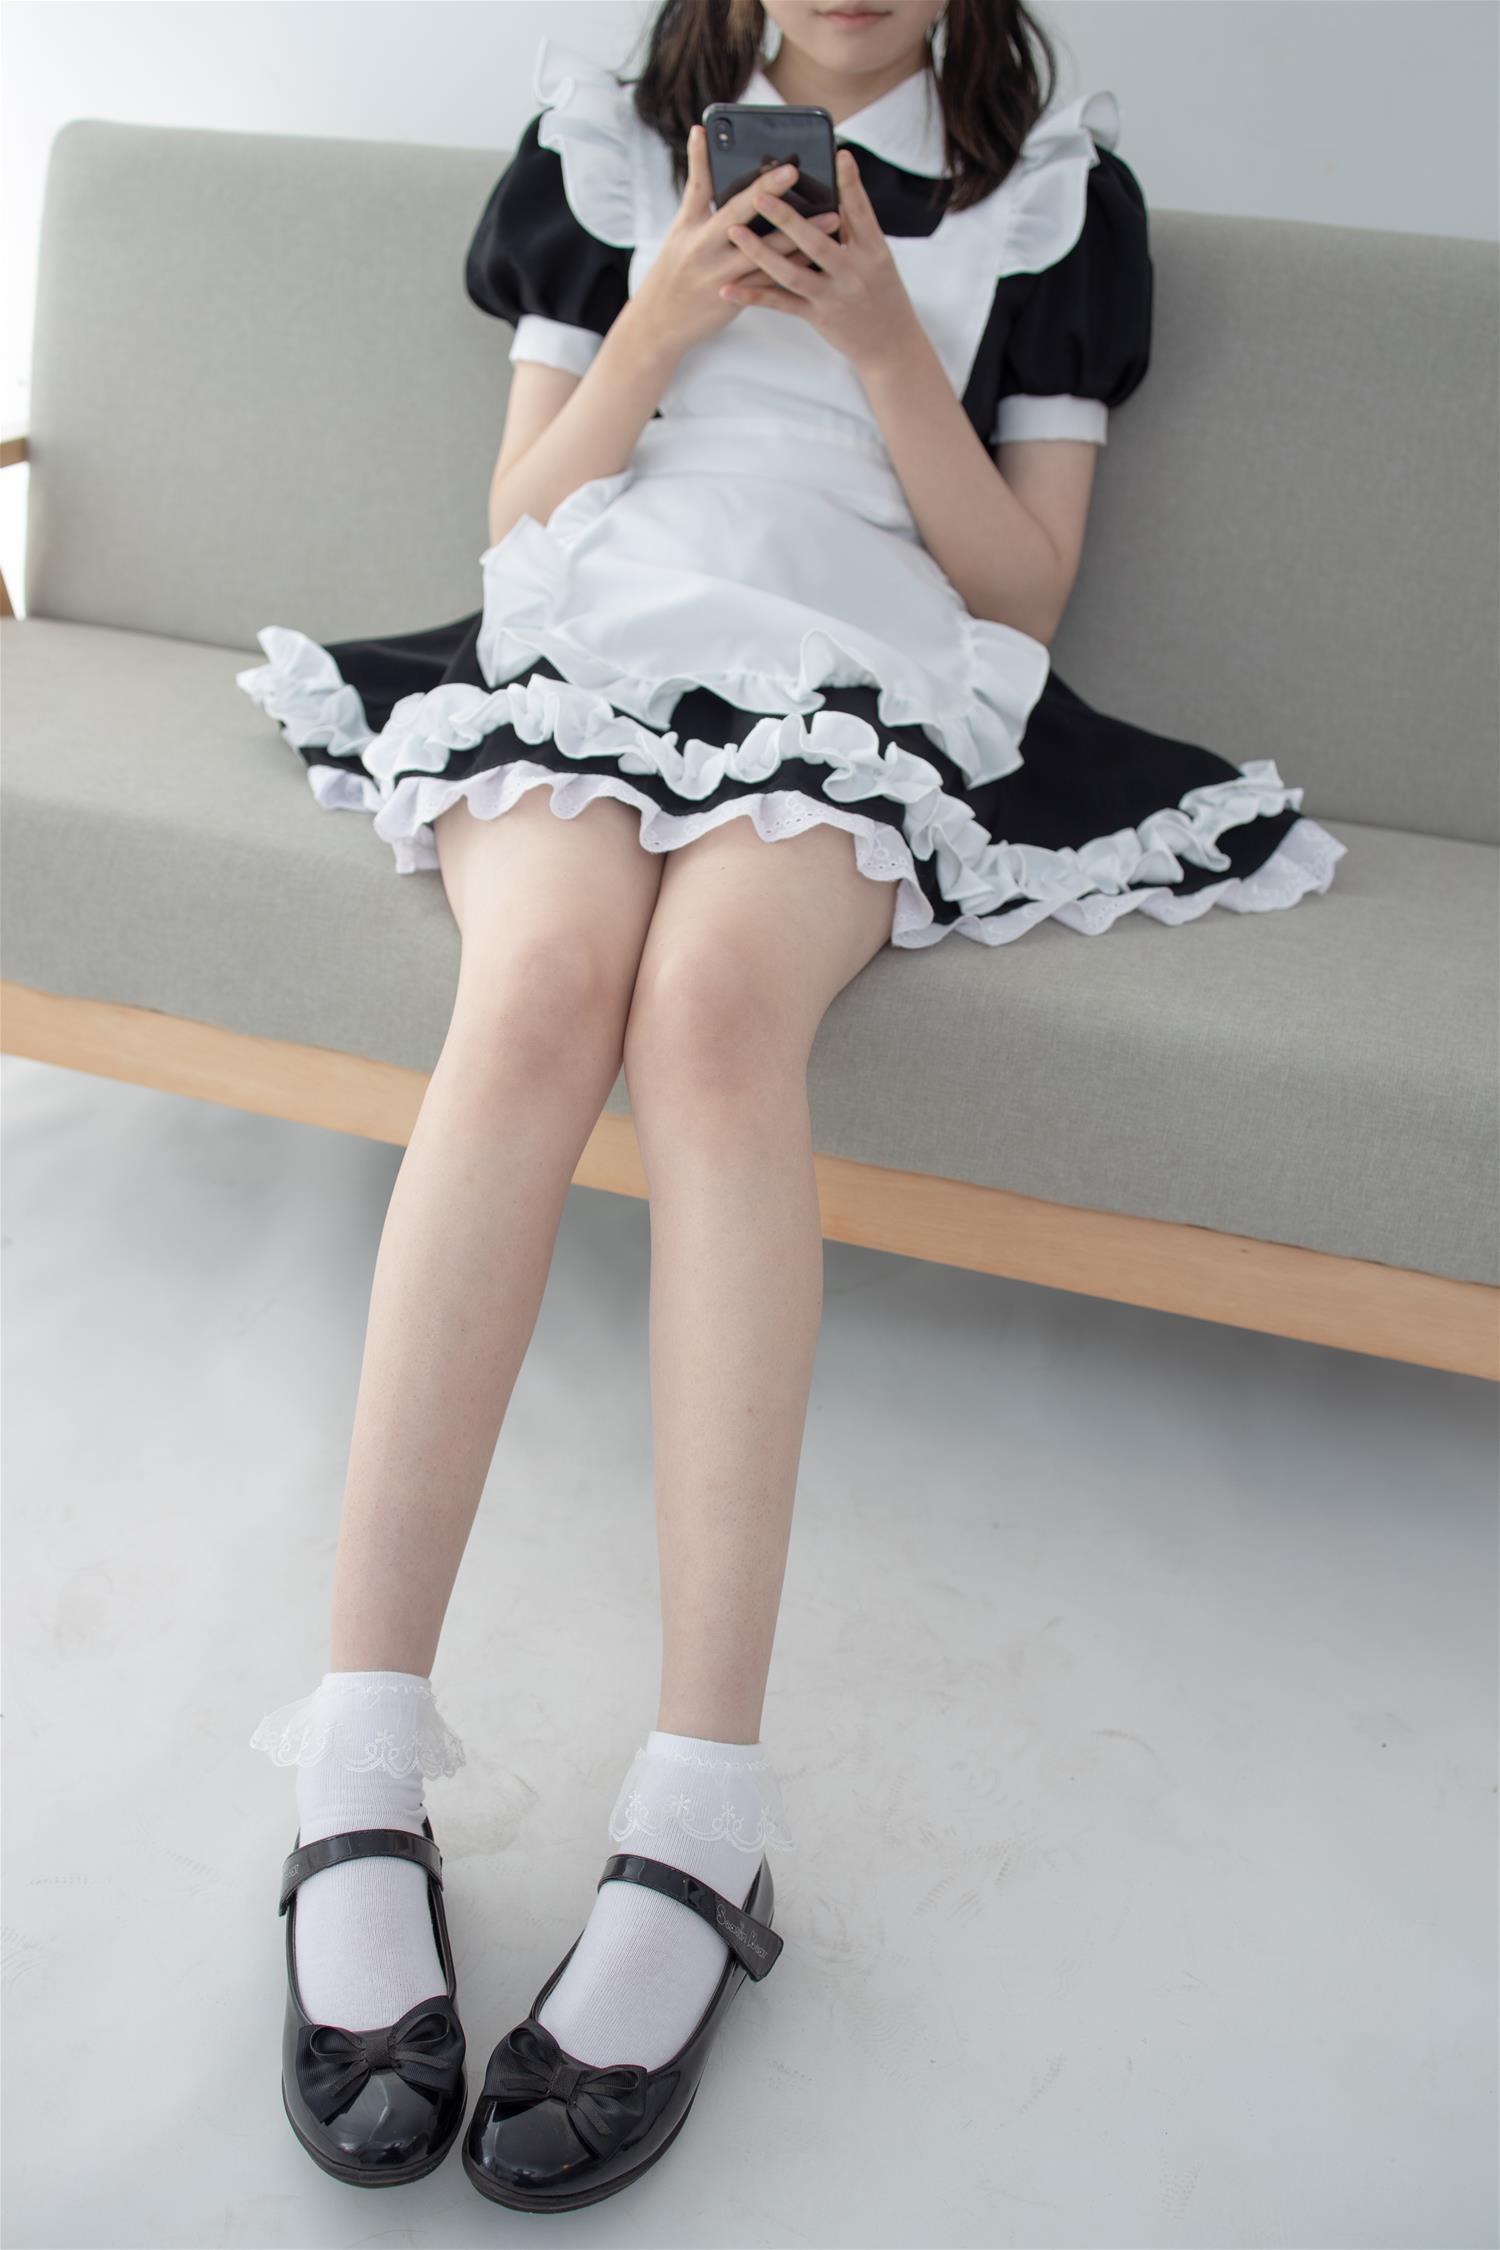 森萝财团 JKFUN-051 Aika 蕾丝花边短袜女仆(32P)